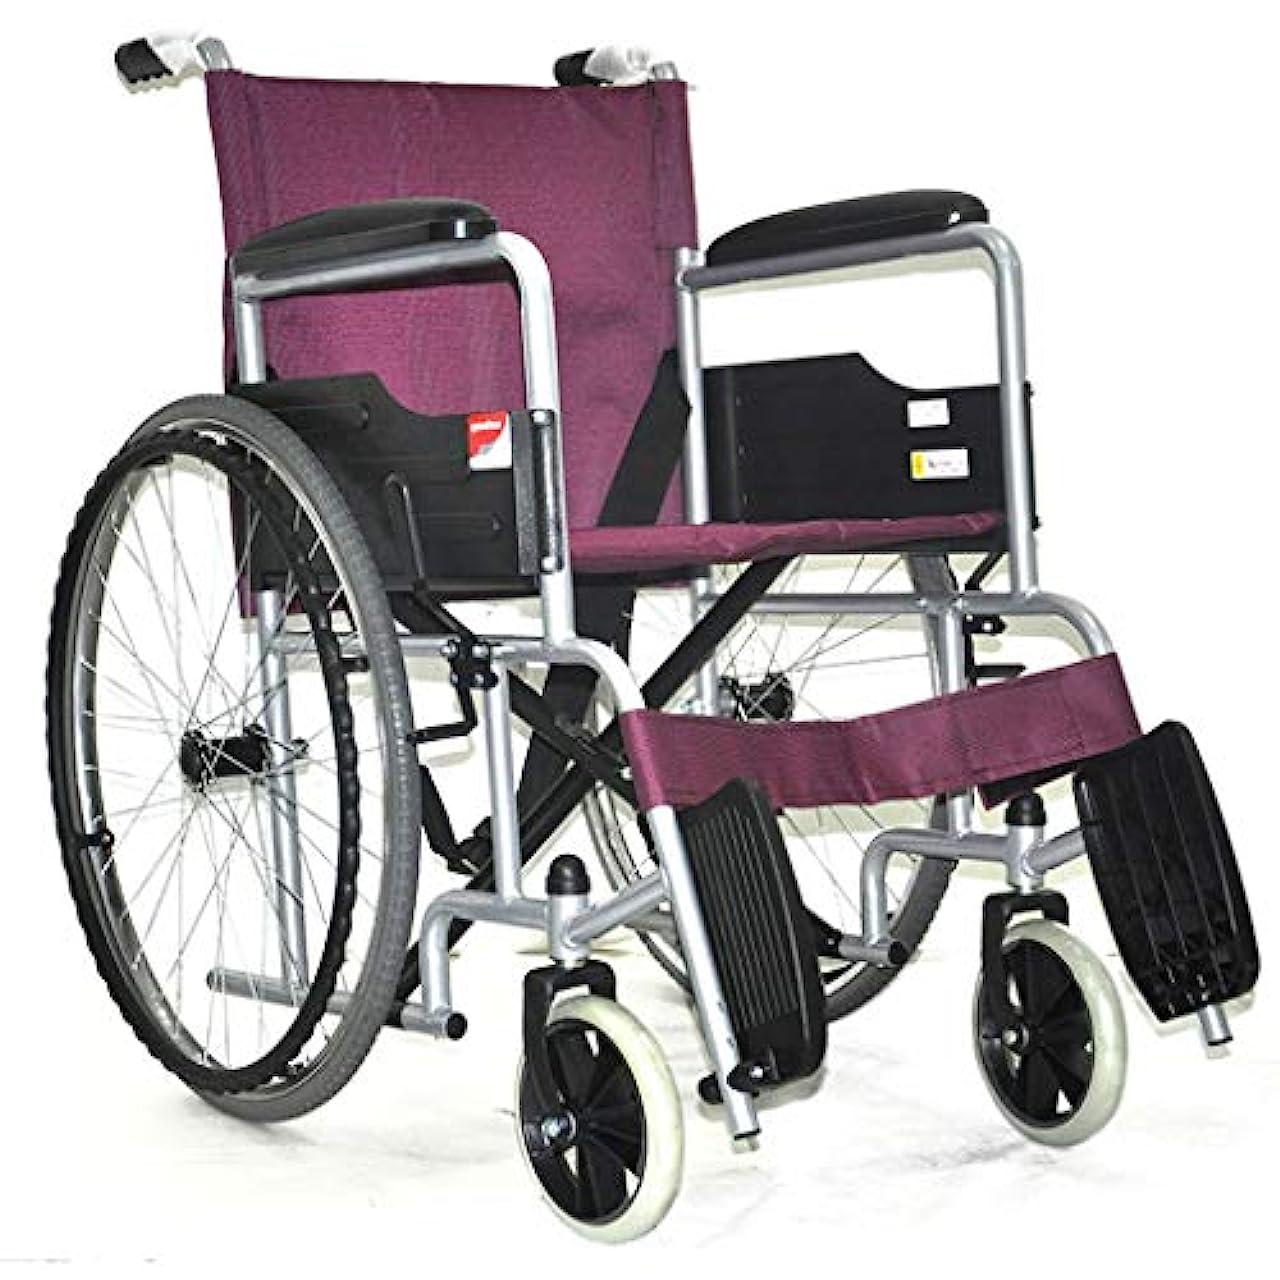 徐々にブラケットそっと車椅子トロリー折りたたみライトポータブル、高齢者障害者屋外旅行車椅子